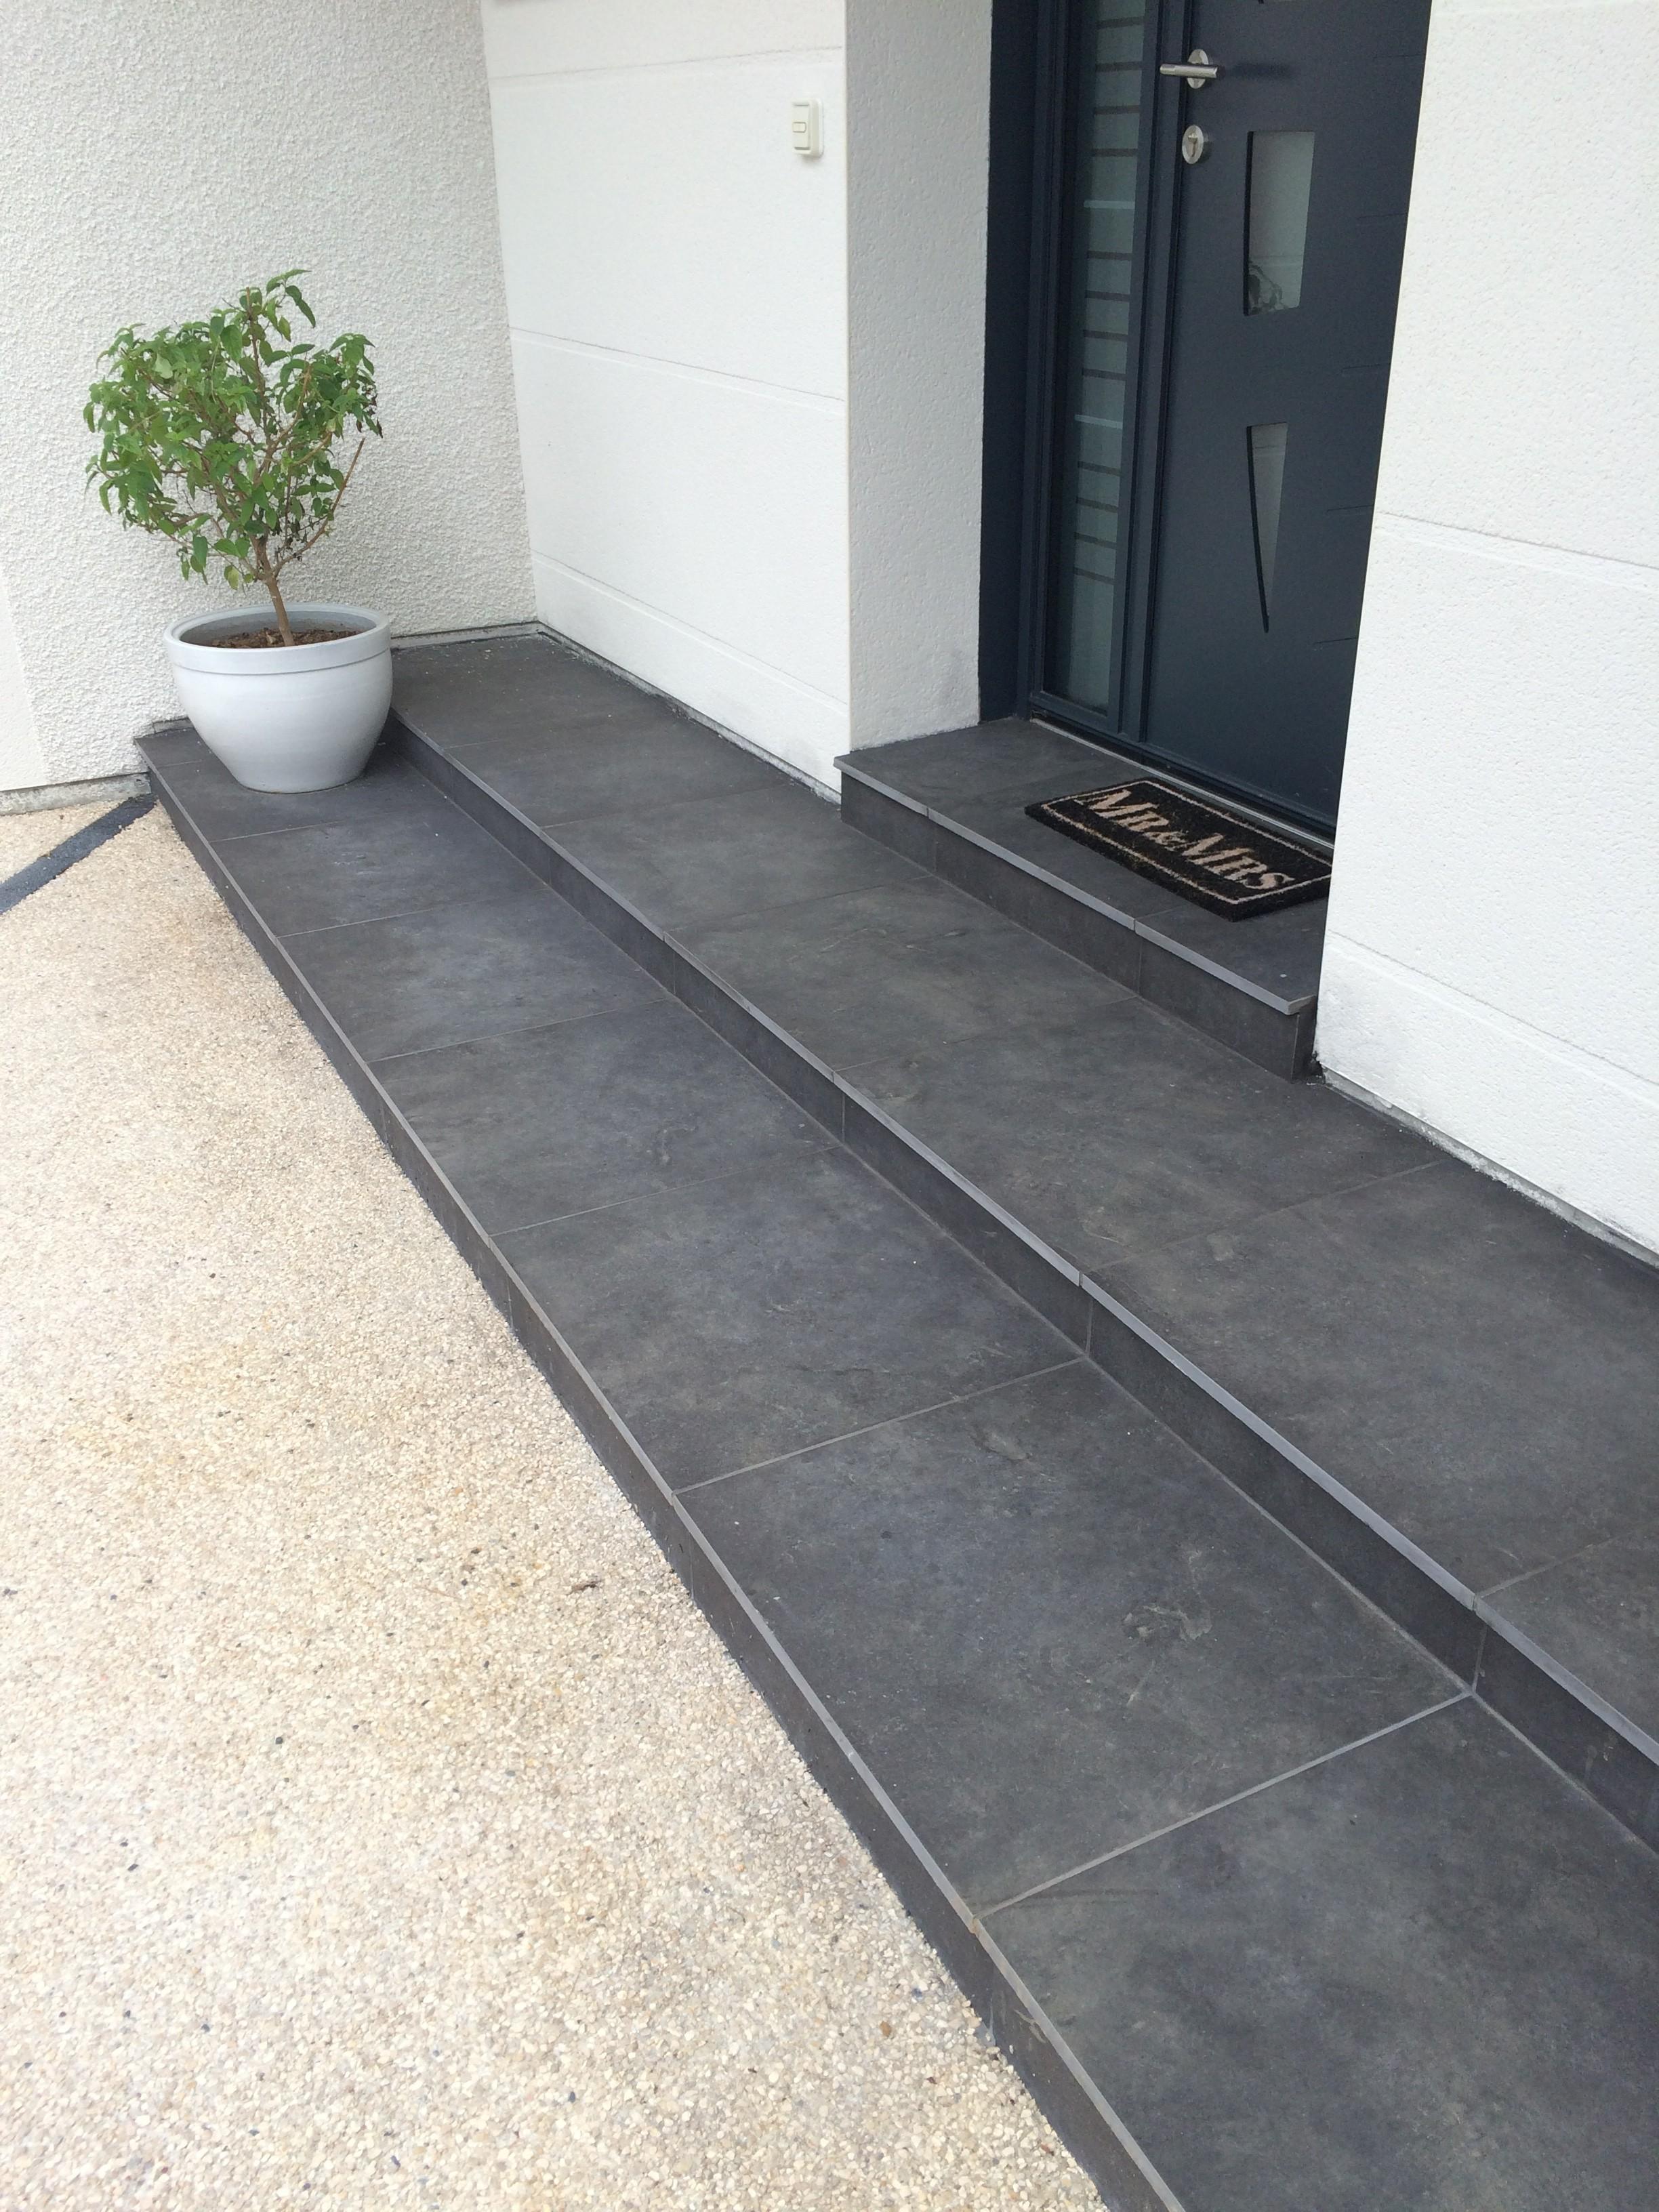 Escalier ext rieur cuinet am nagement ext rieur for Habillage marche escalier beton exterieur